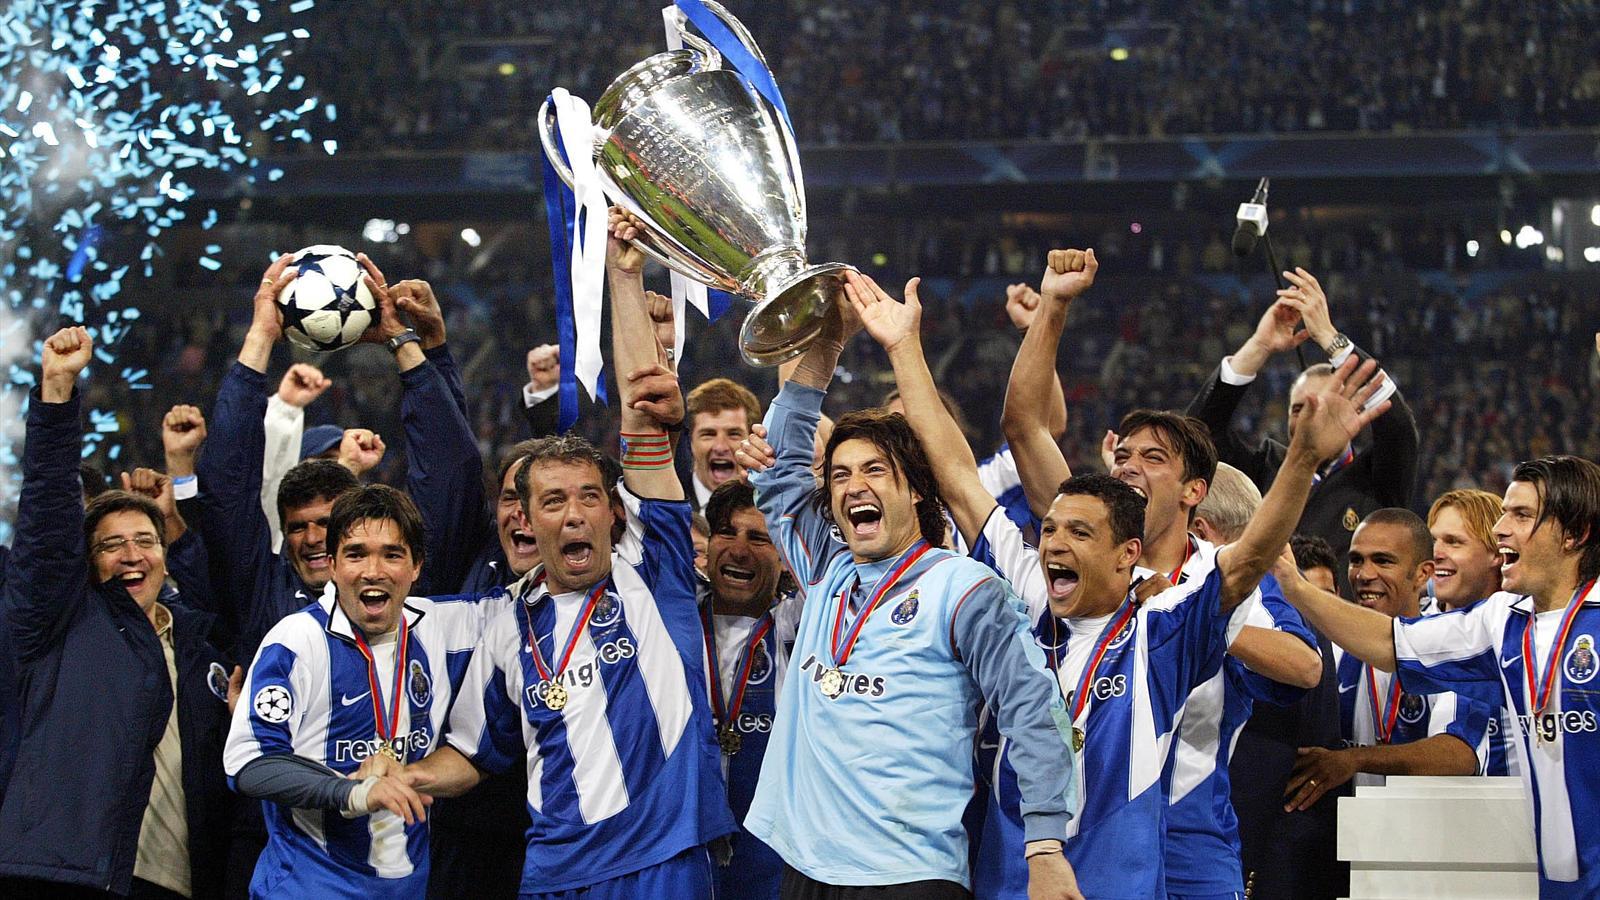 Le FC Porto, vainqueur de la Ligue des champions 2004